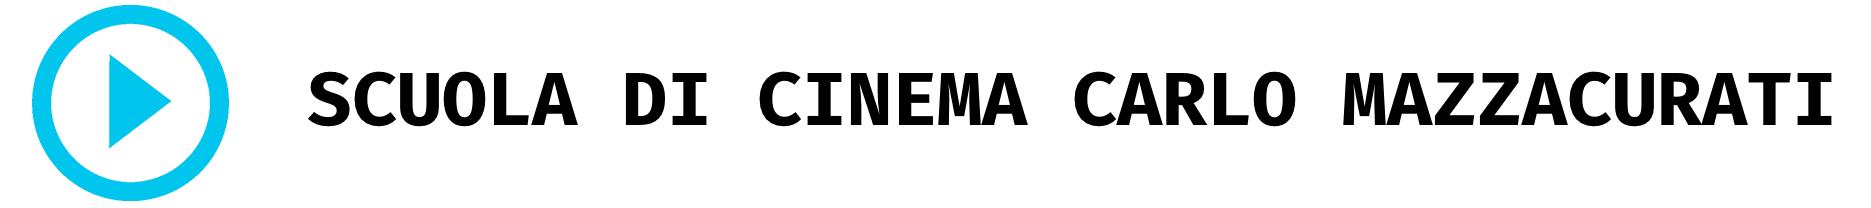 Scuola di Cinema Carlo Mazzacurati